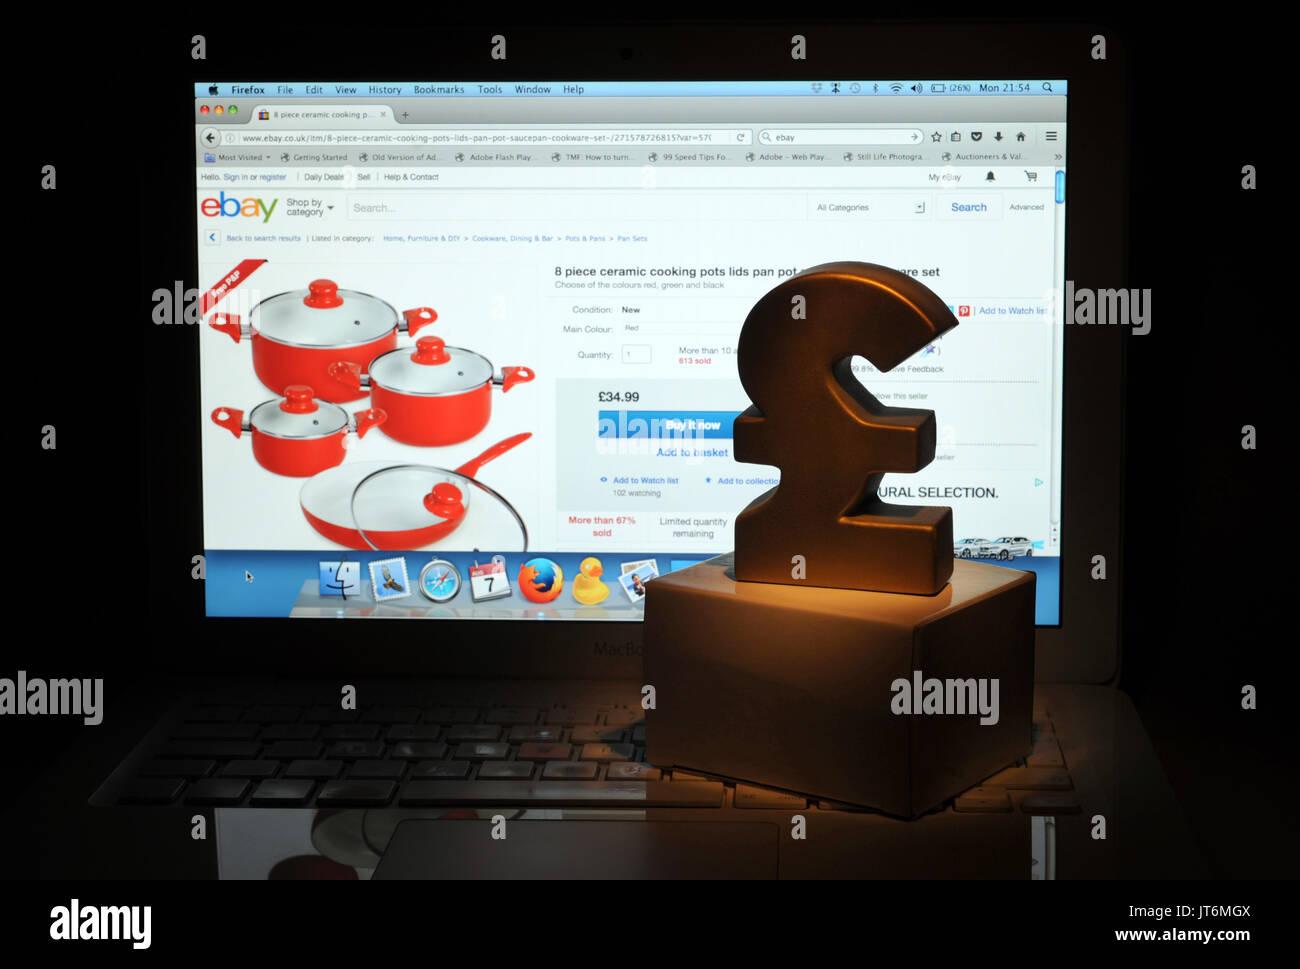 Página de ebay en PORTÁTIL CON BRITISH POUND SIGN RE COMPRA ONLINE COMPRAS POR INTERNET LA ECONOMÍA UK Imagen De Stock